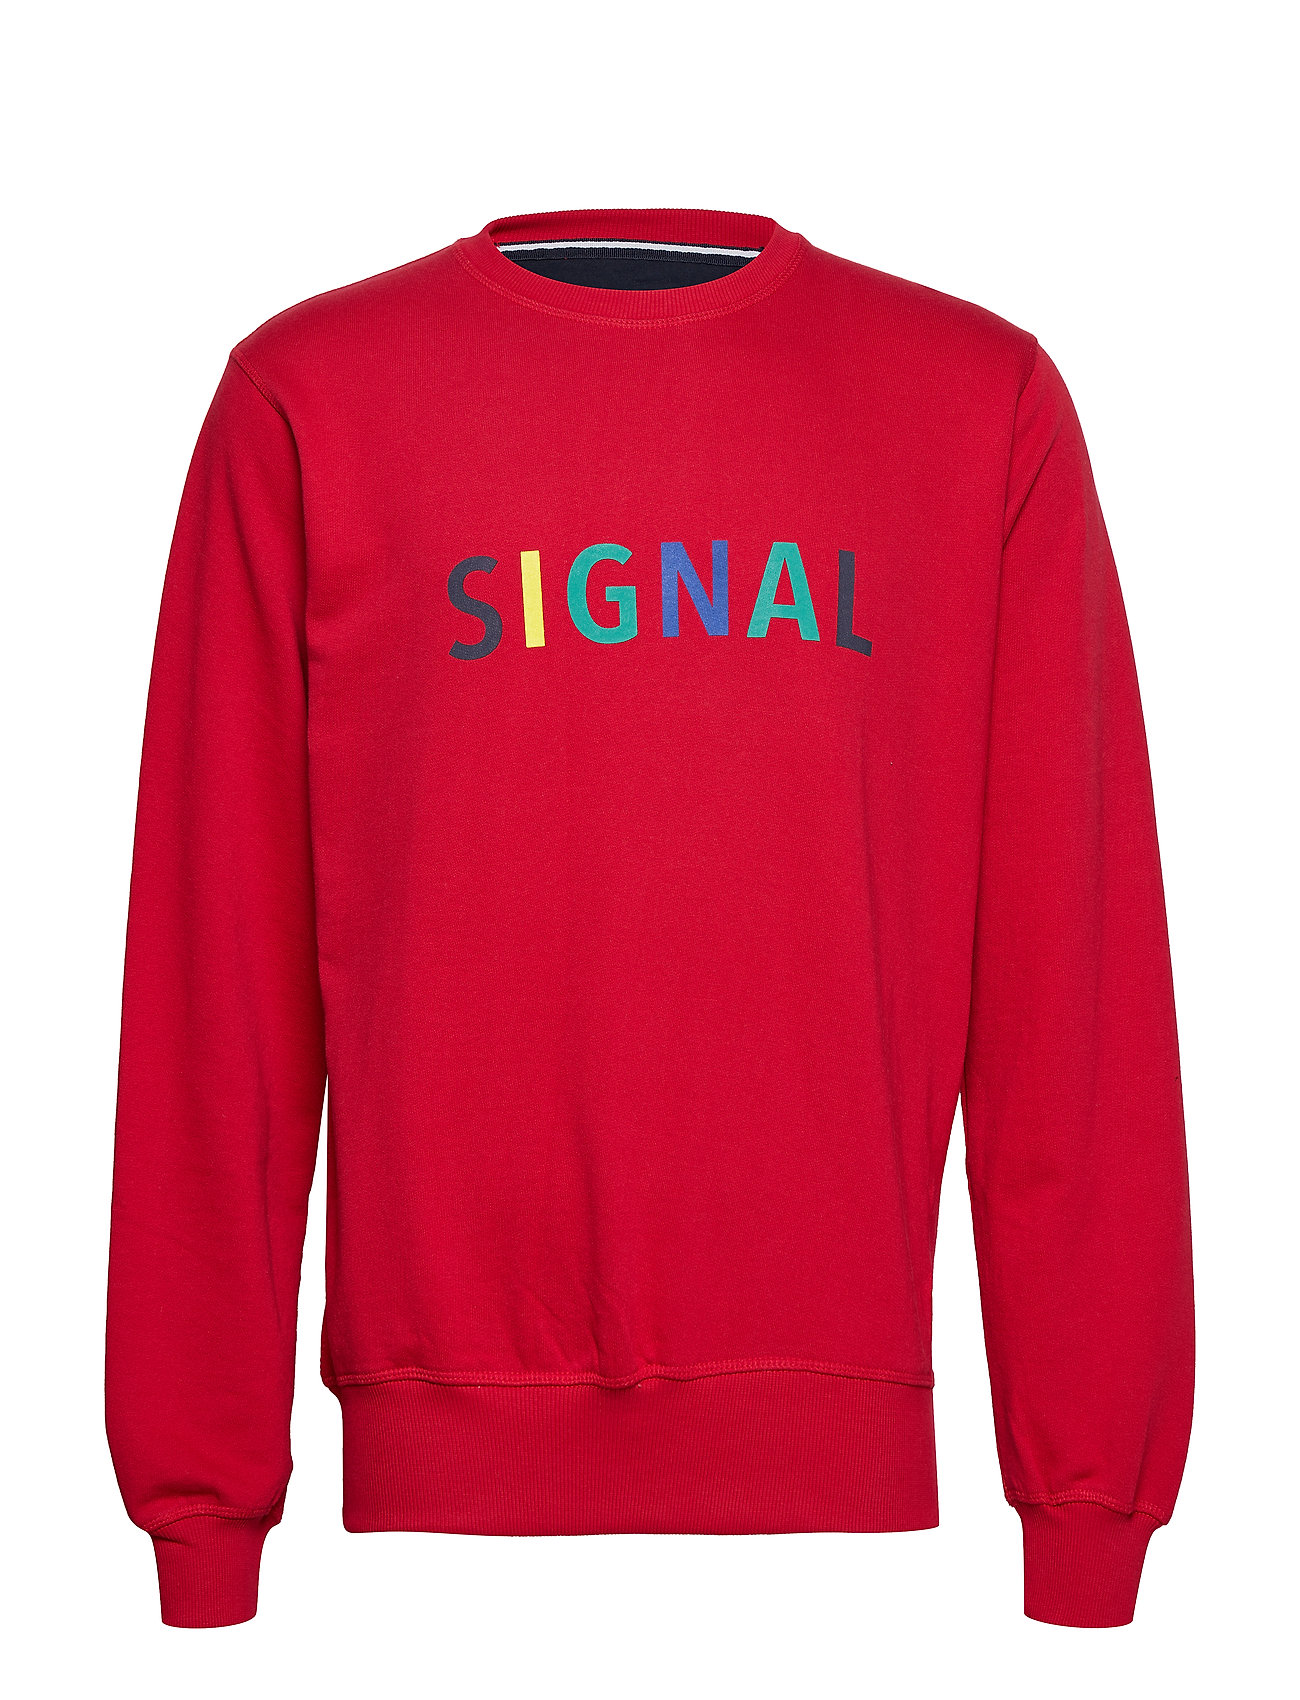 ScarletSignal ScarletSignal Sweatshirtred ScarletSignal Sweatshirtred ScarletSignal Sweatshirtred Sweatshirtred ScarletSignal Sweatshirtred SMpUVz